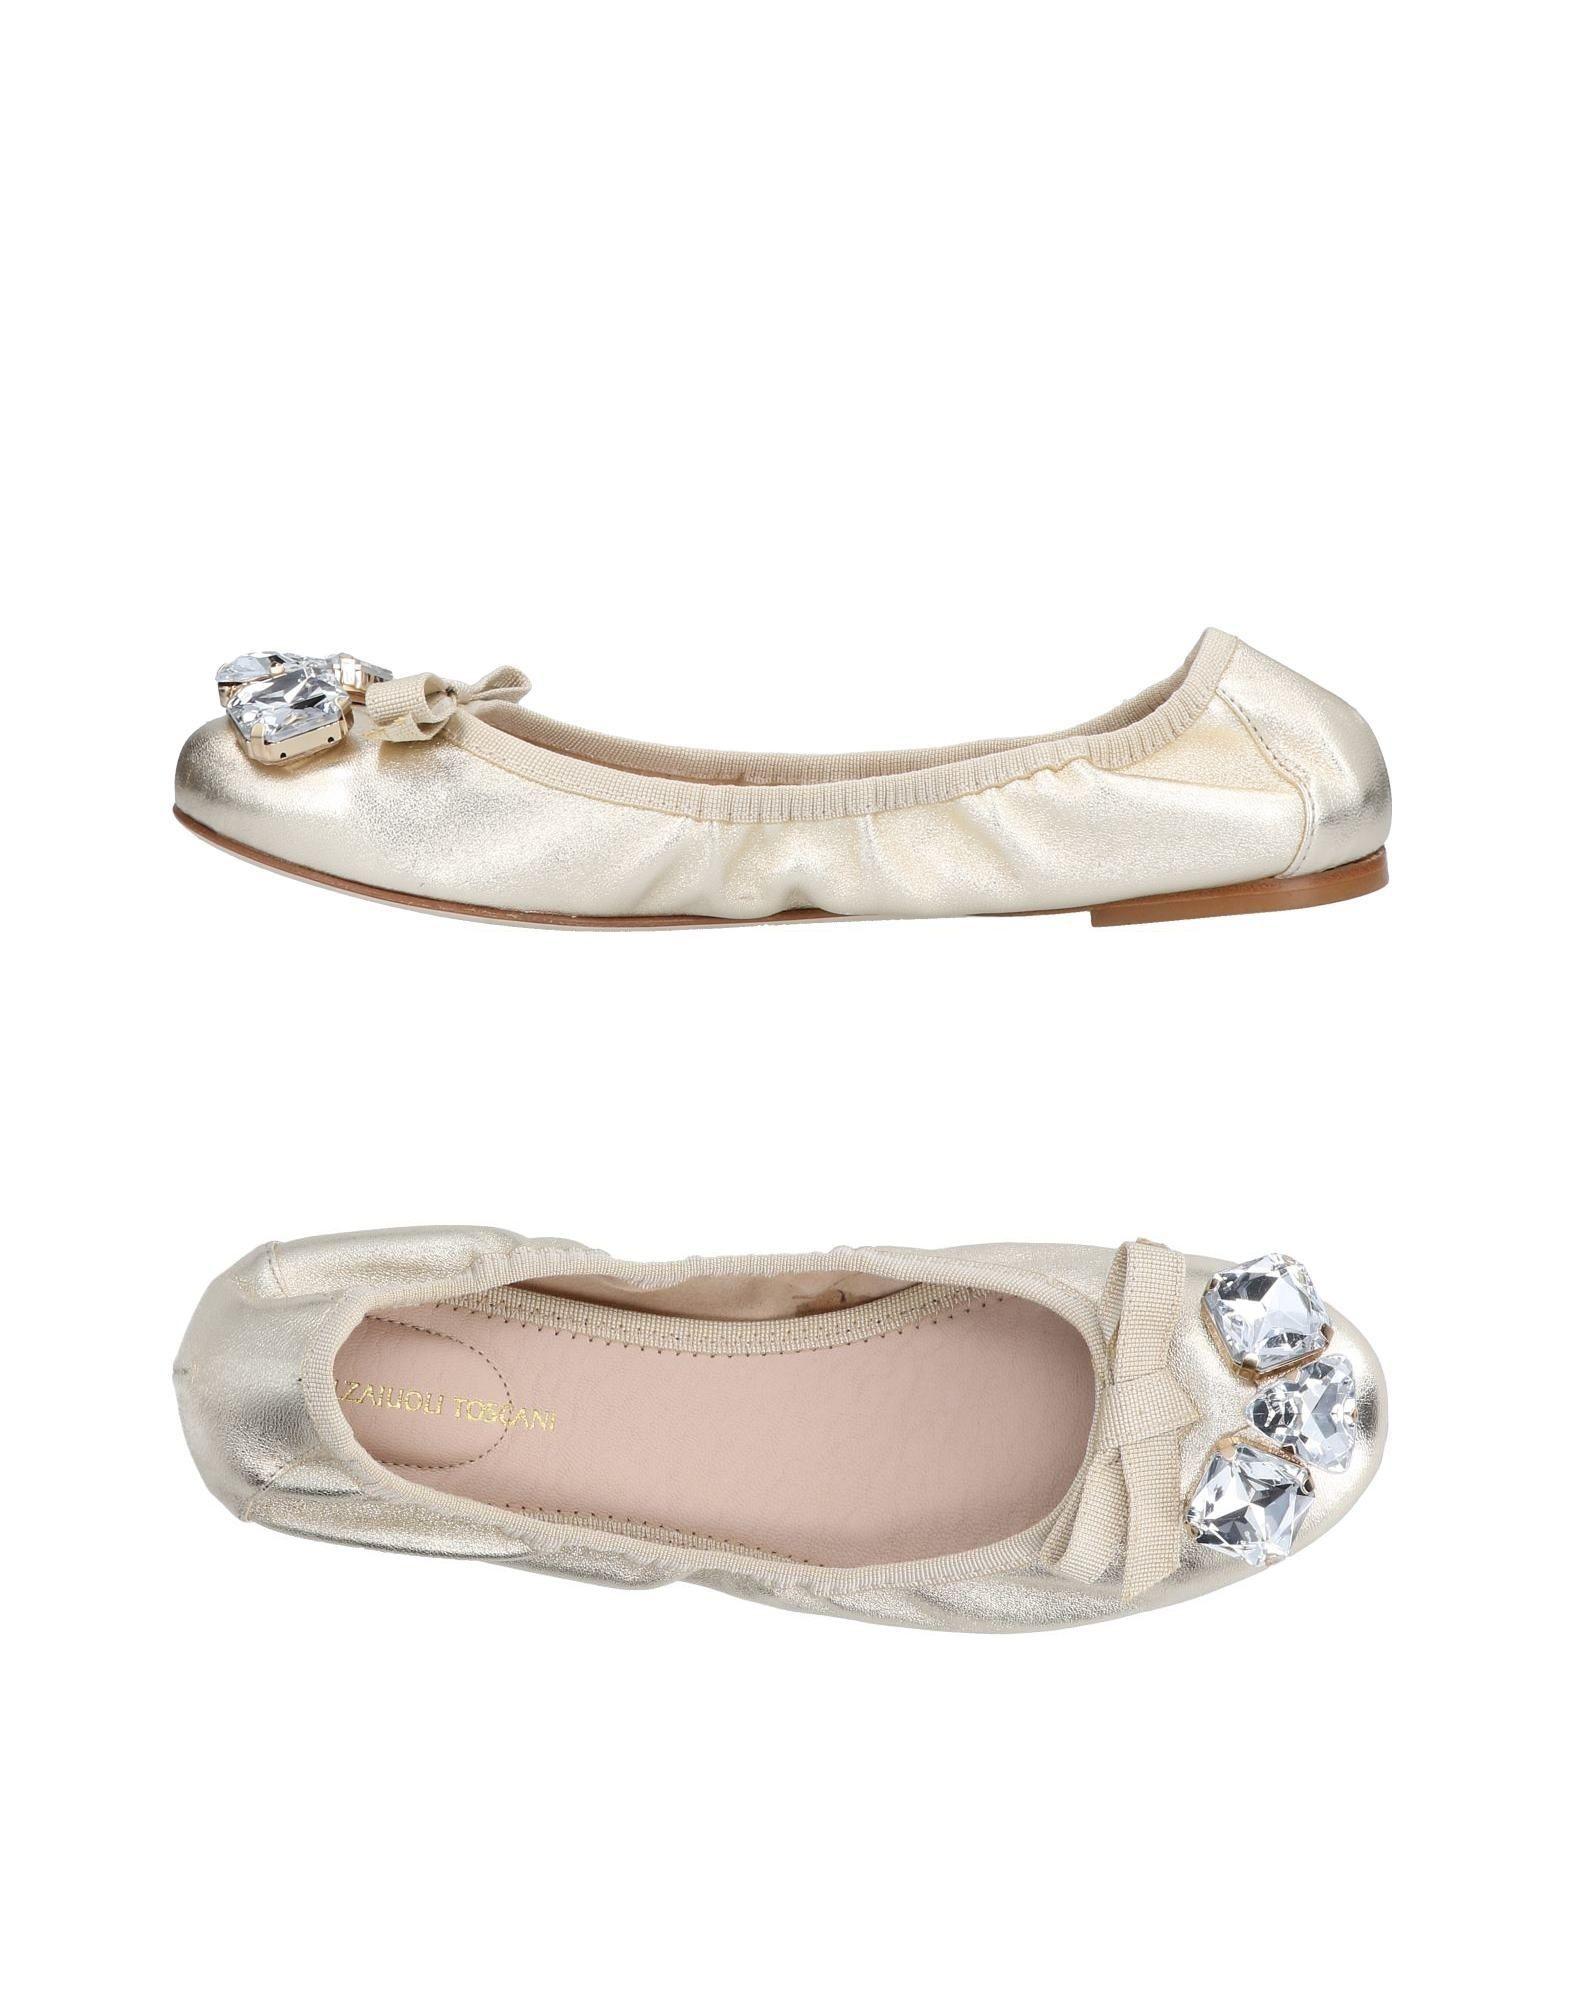 Ballerine Calzaiuoli Toscani Donna - 11461771OQ